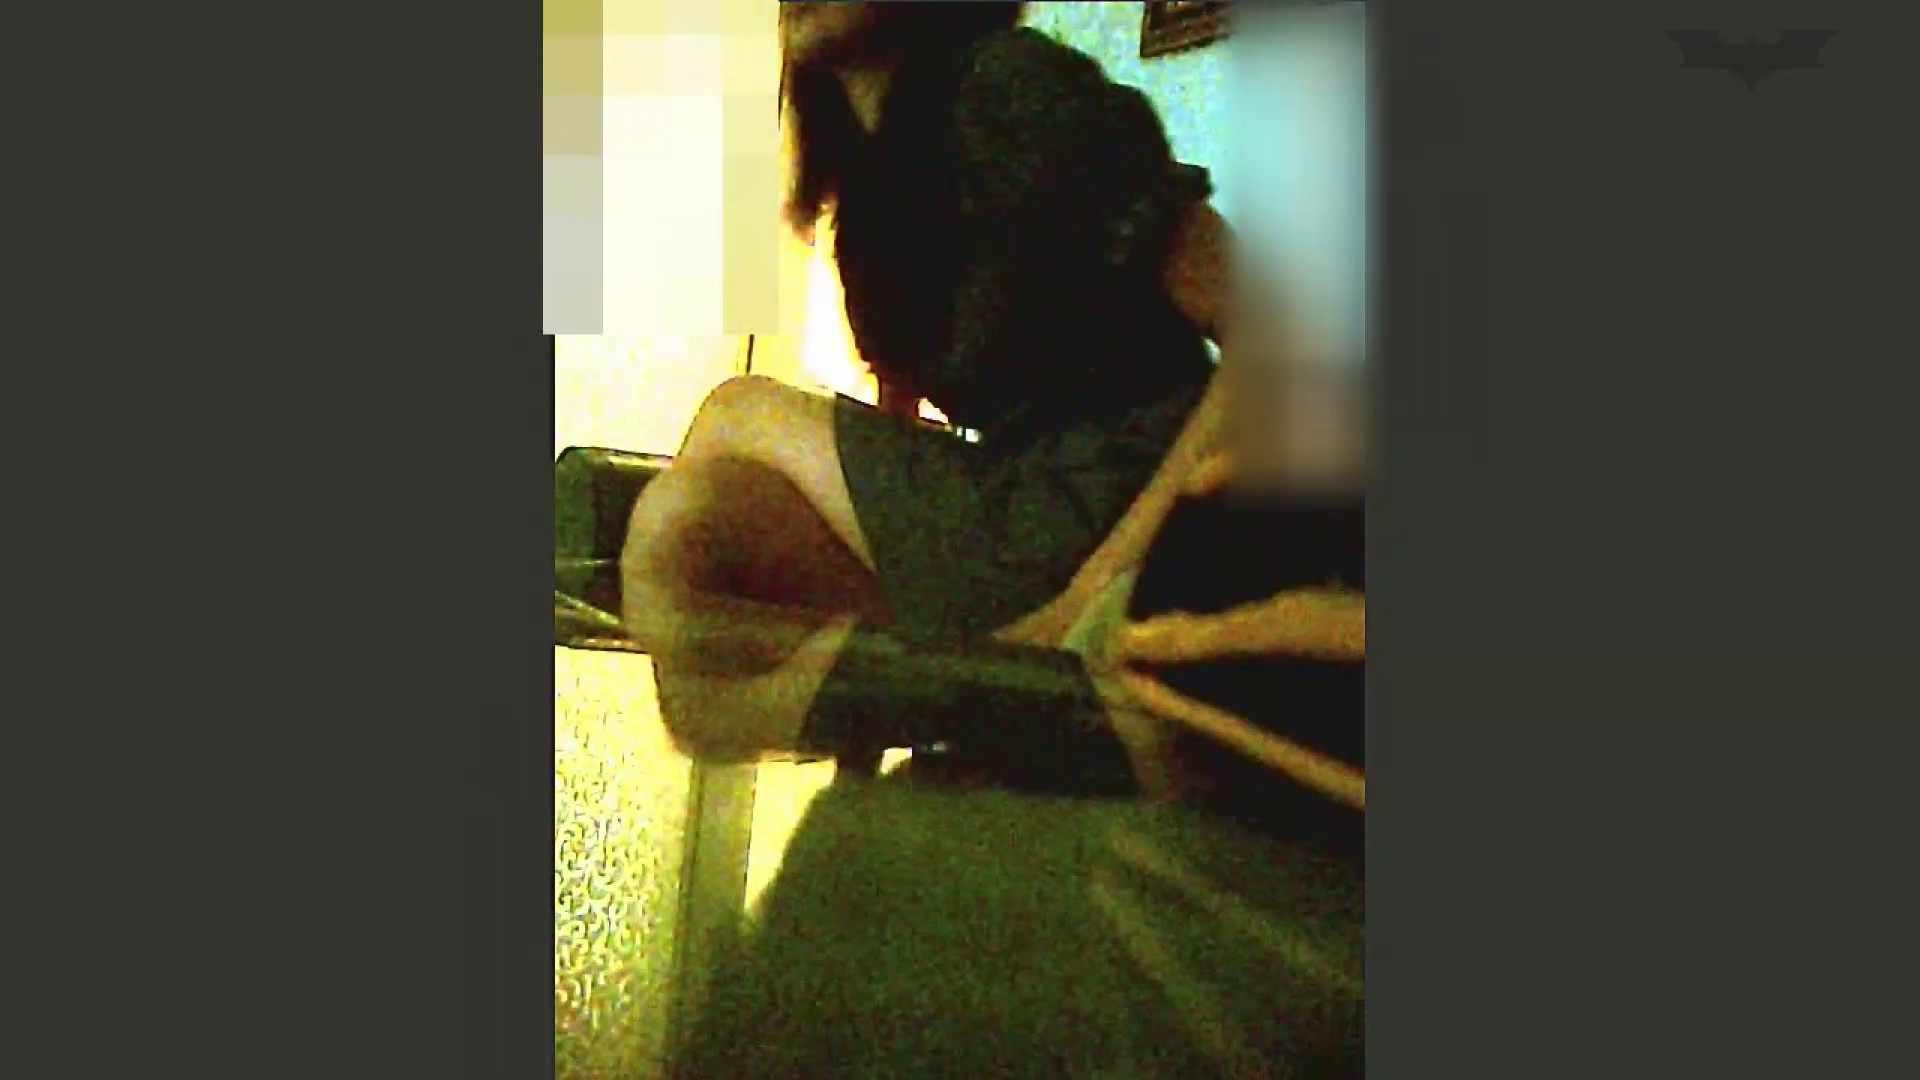 ▲2017_13位▲ 学園アイドル美人女子大生❷(下巻)5人詰合せVol.50 アイドル 濡れ場動画紹介 107連発 7